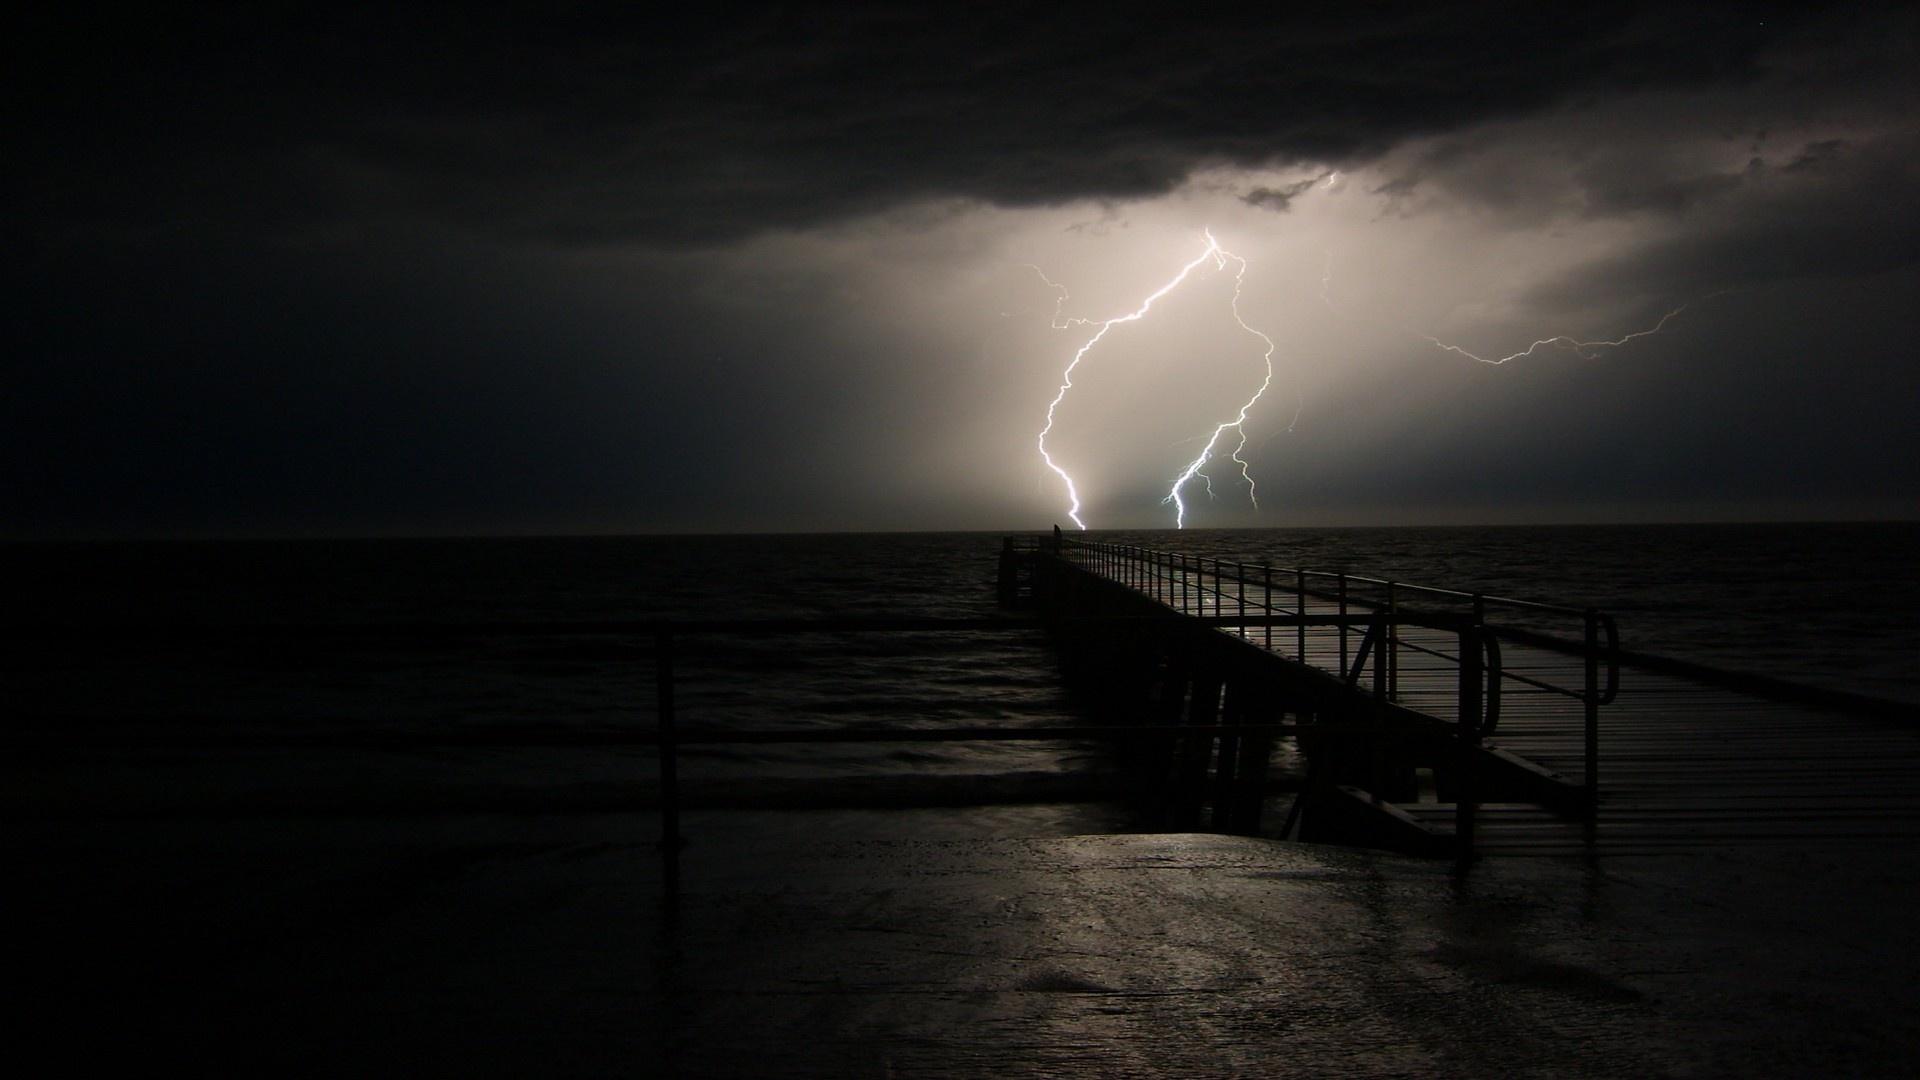 Wallpaper night, sea, pier, lightning, Thunderstorm desktop wallpaper ...